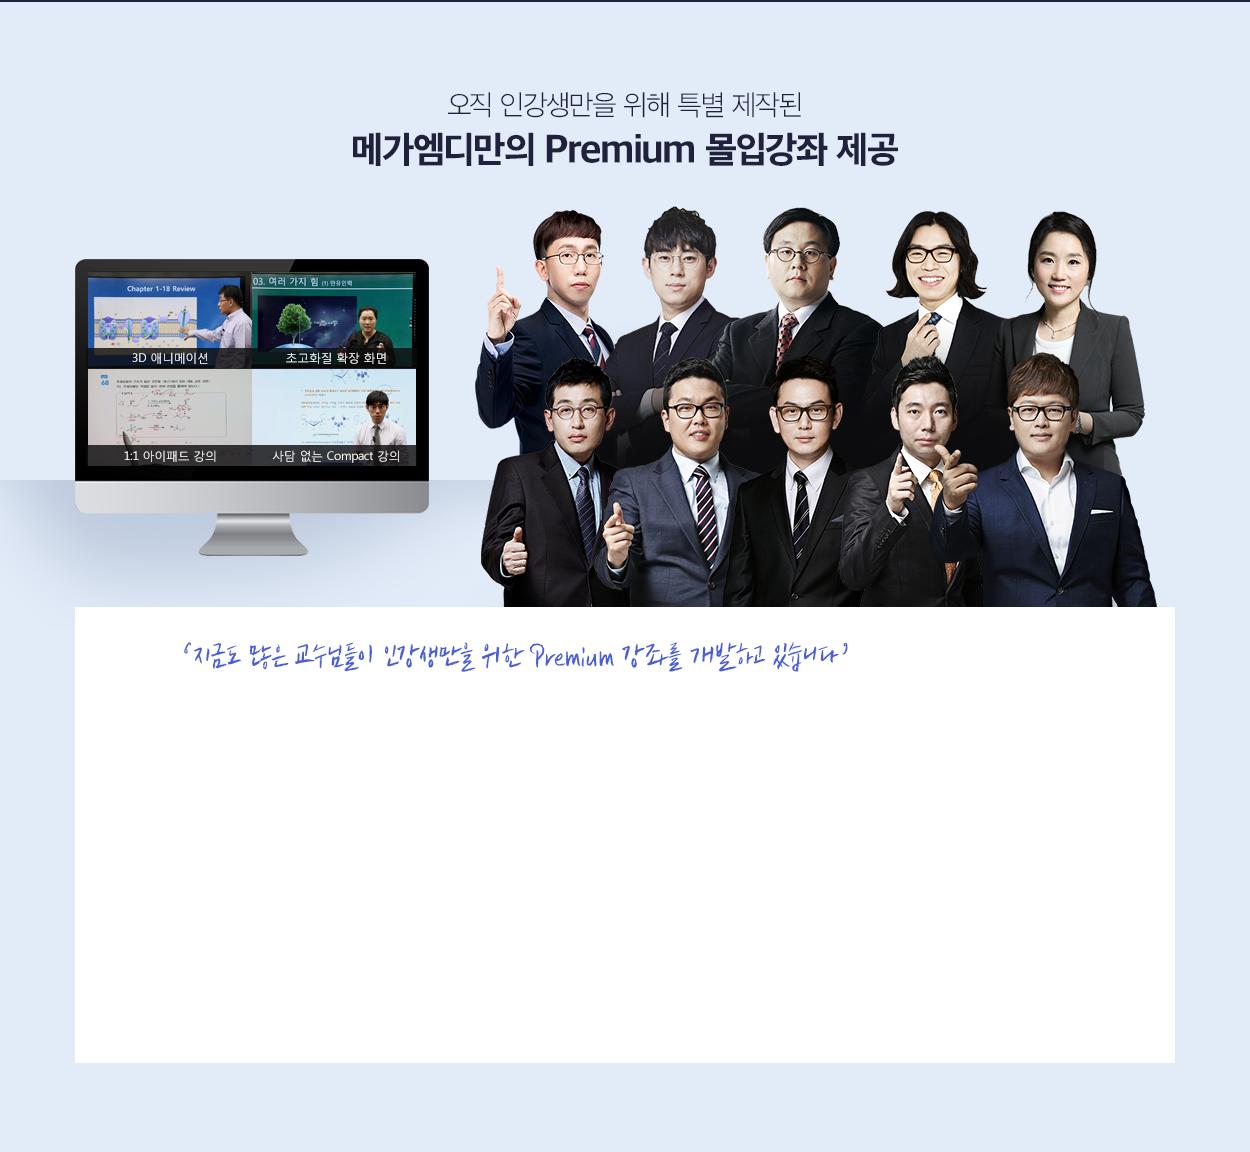 메가엠디만의 Premium 몰입강좌 제공